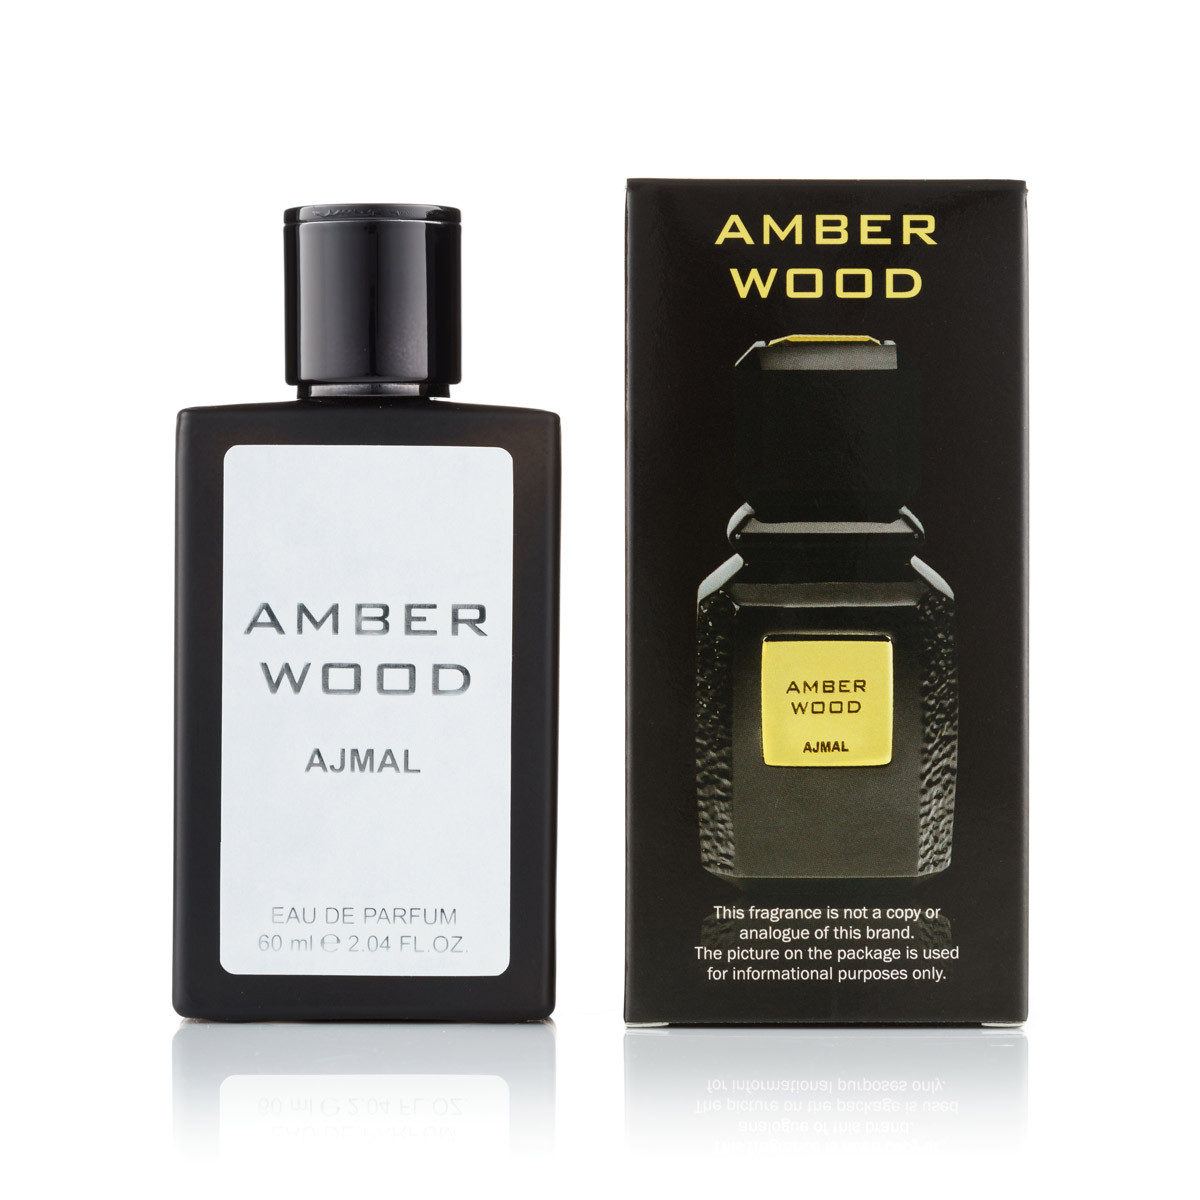 60 мл мини-парфюм Amber Wood Ajmal (унисекс)